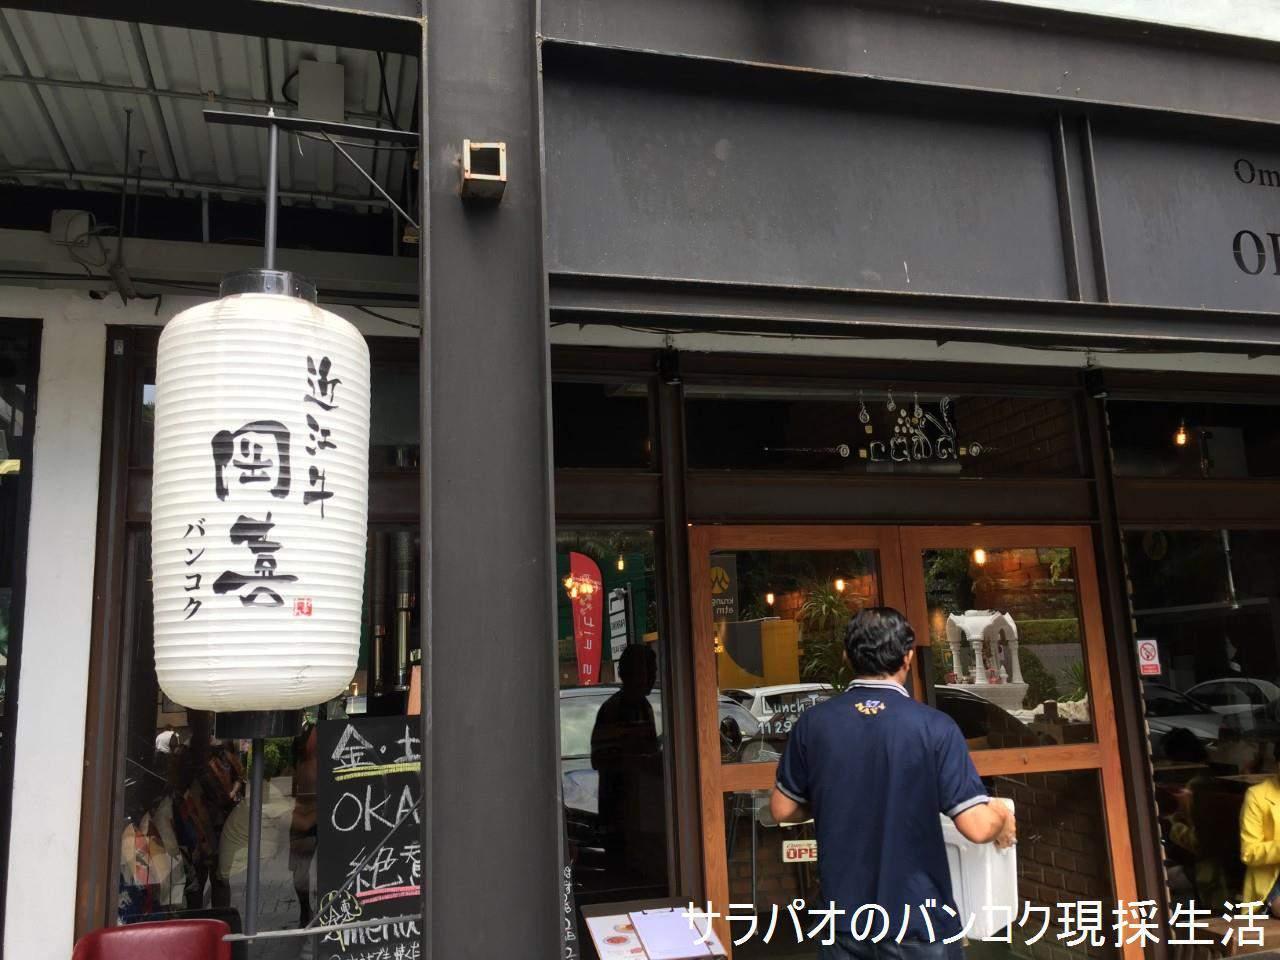 Okaki_01.jpg